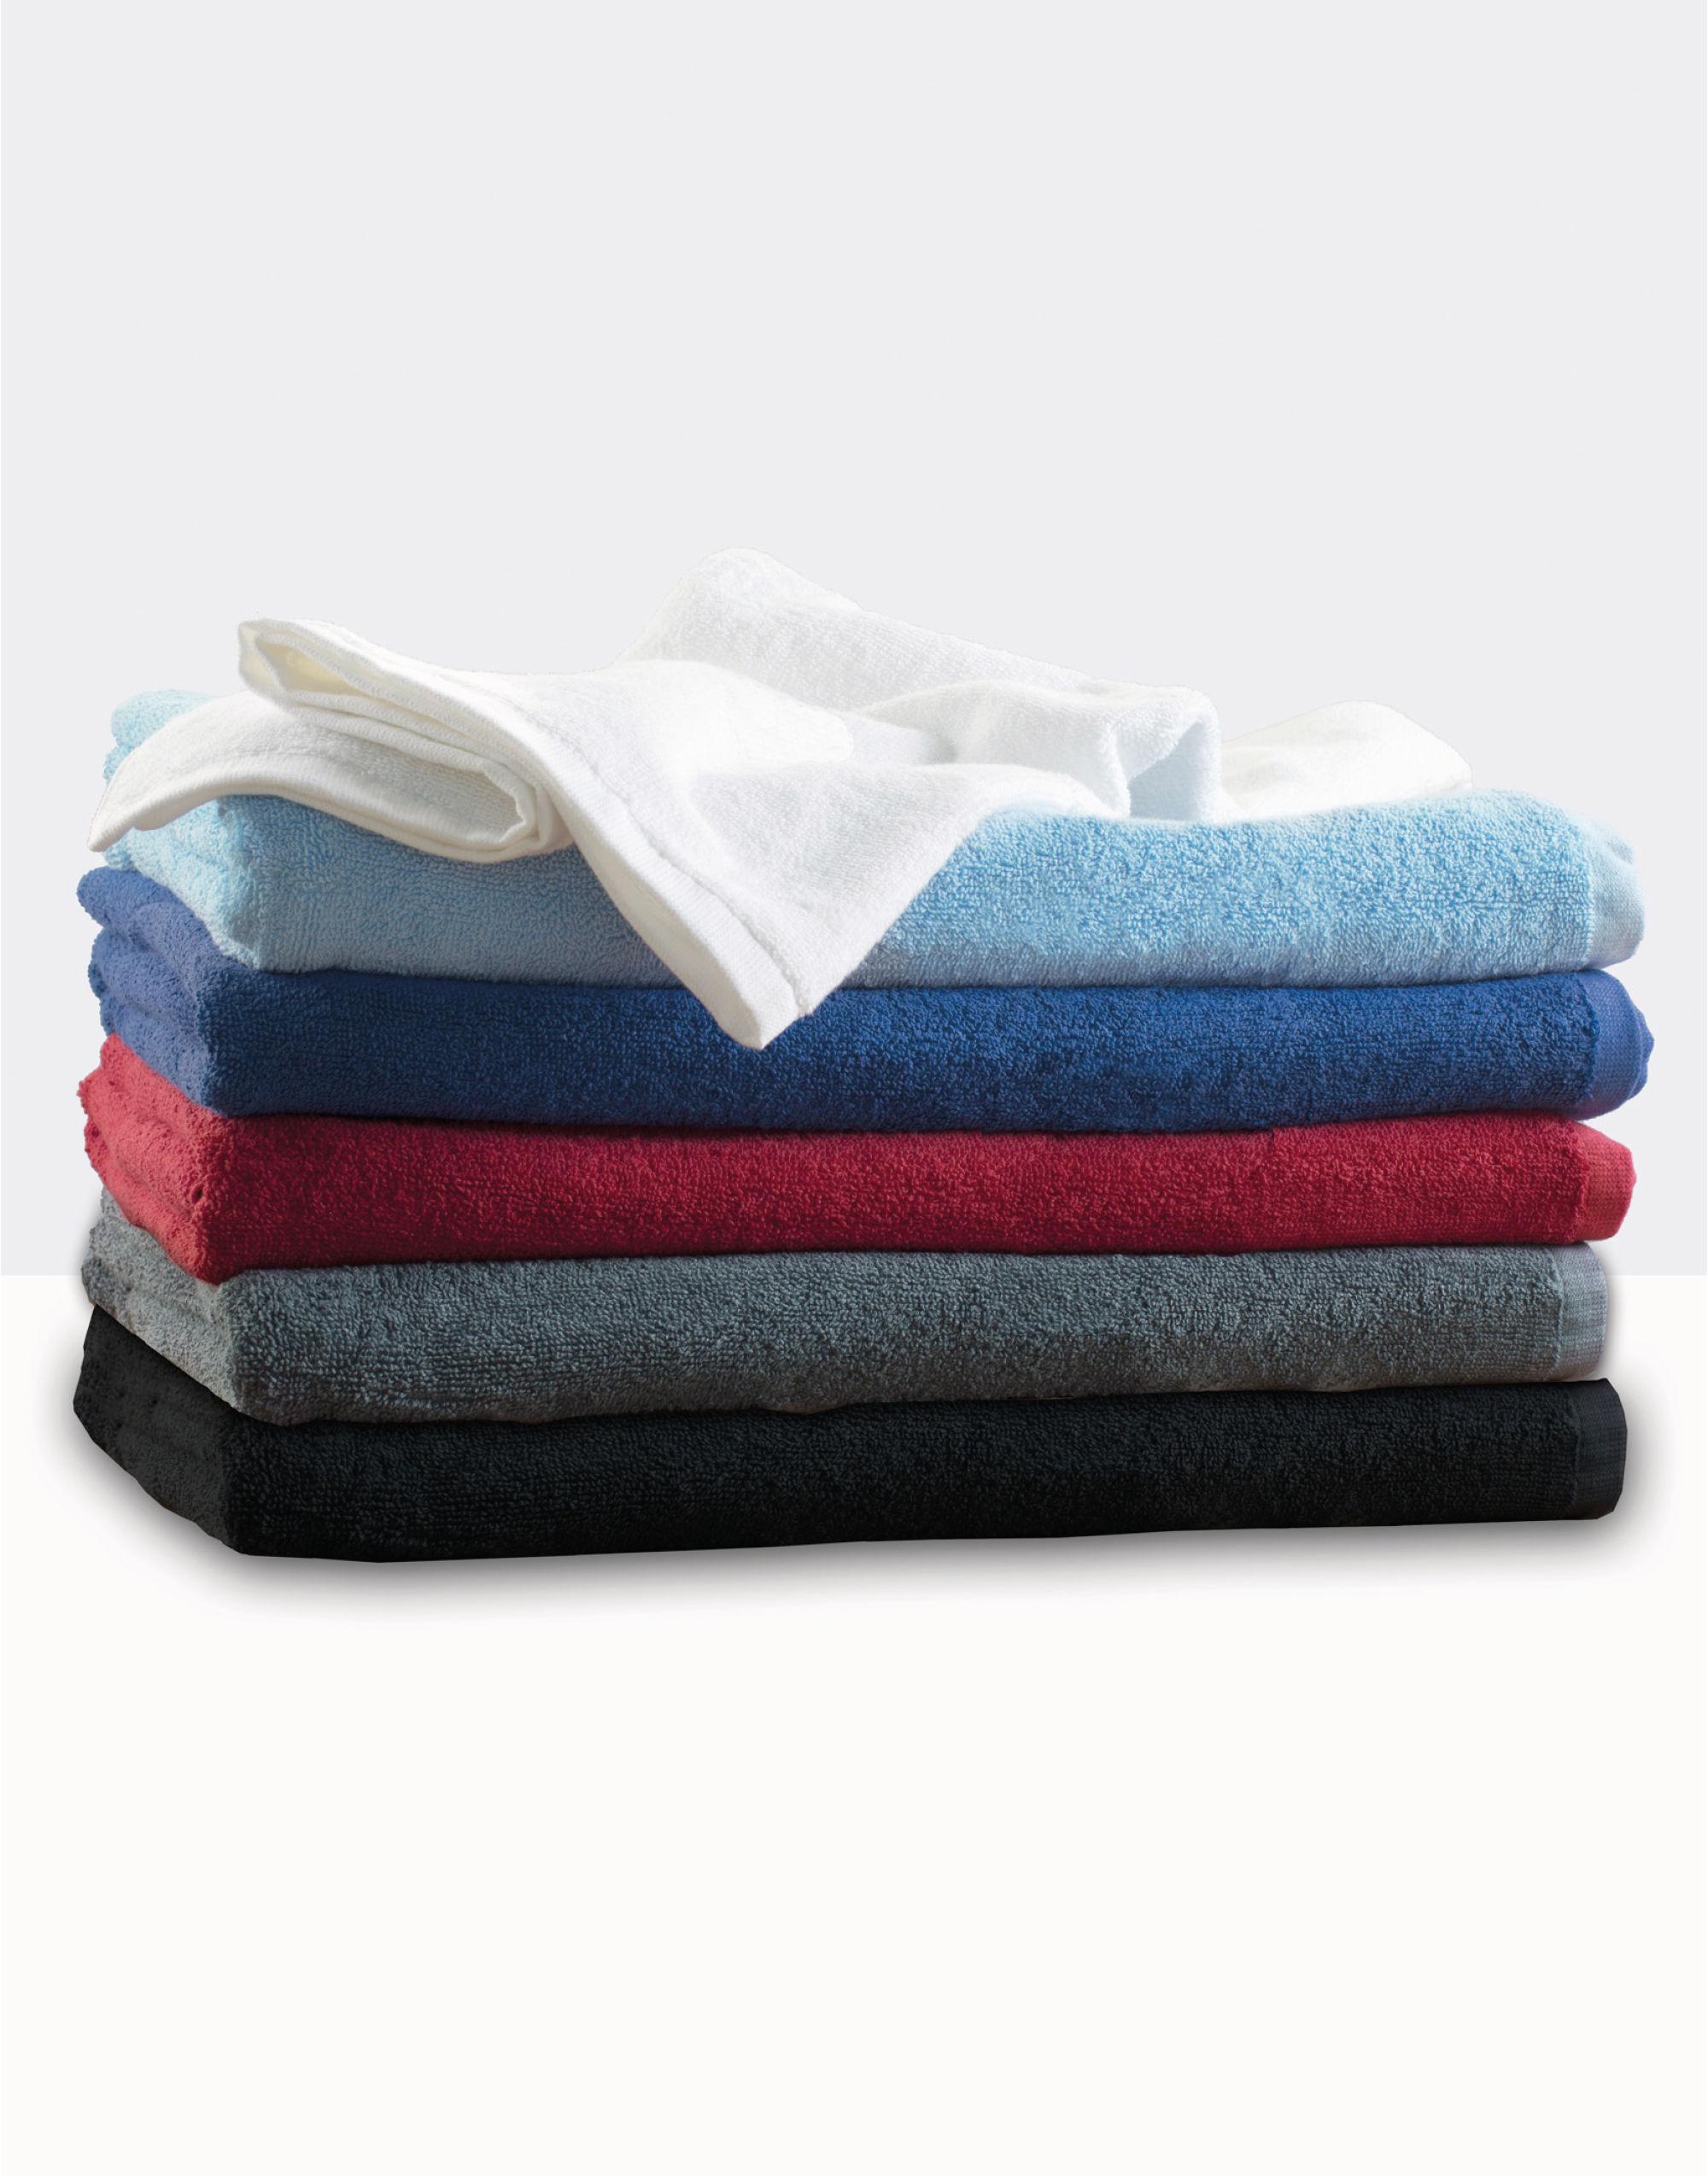 Towels By Jassz Ebro Guest Towel 30x50cm